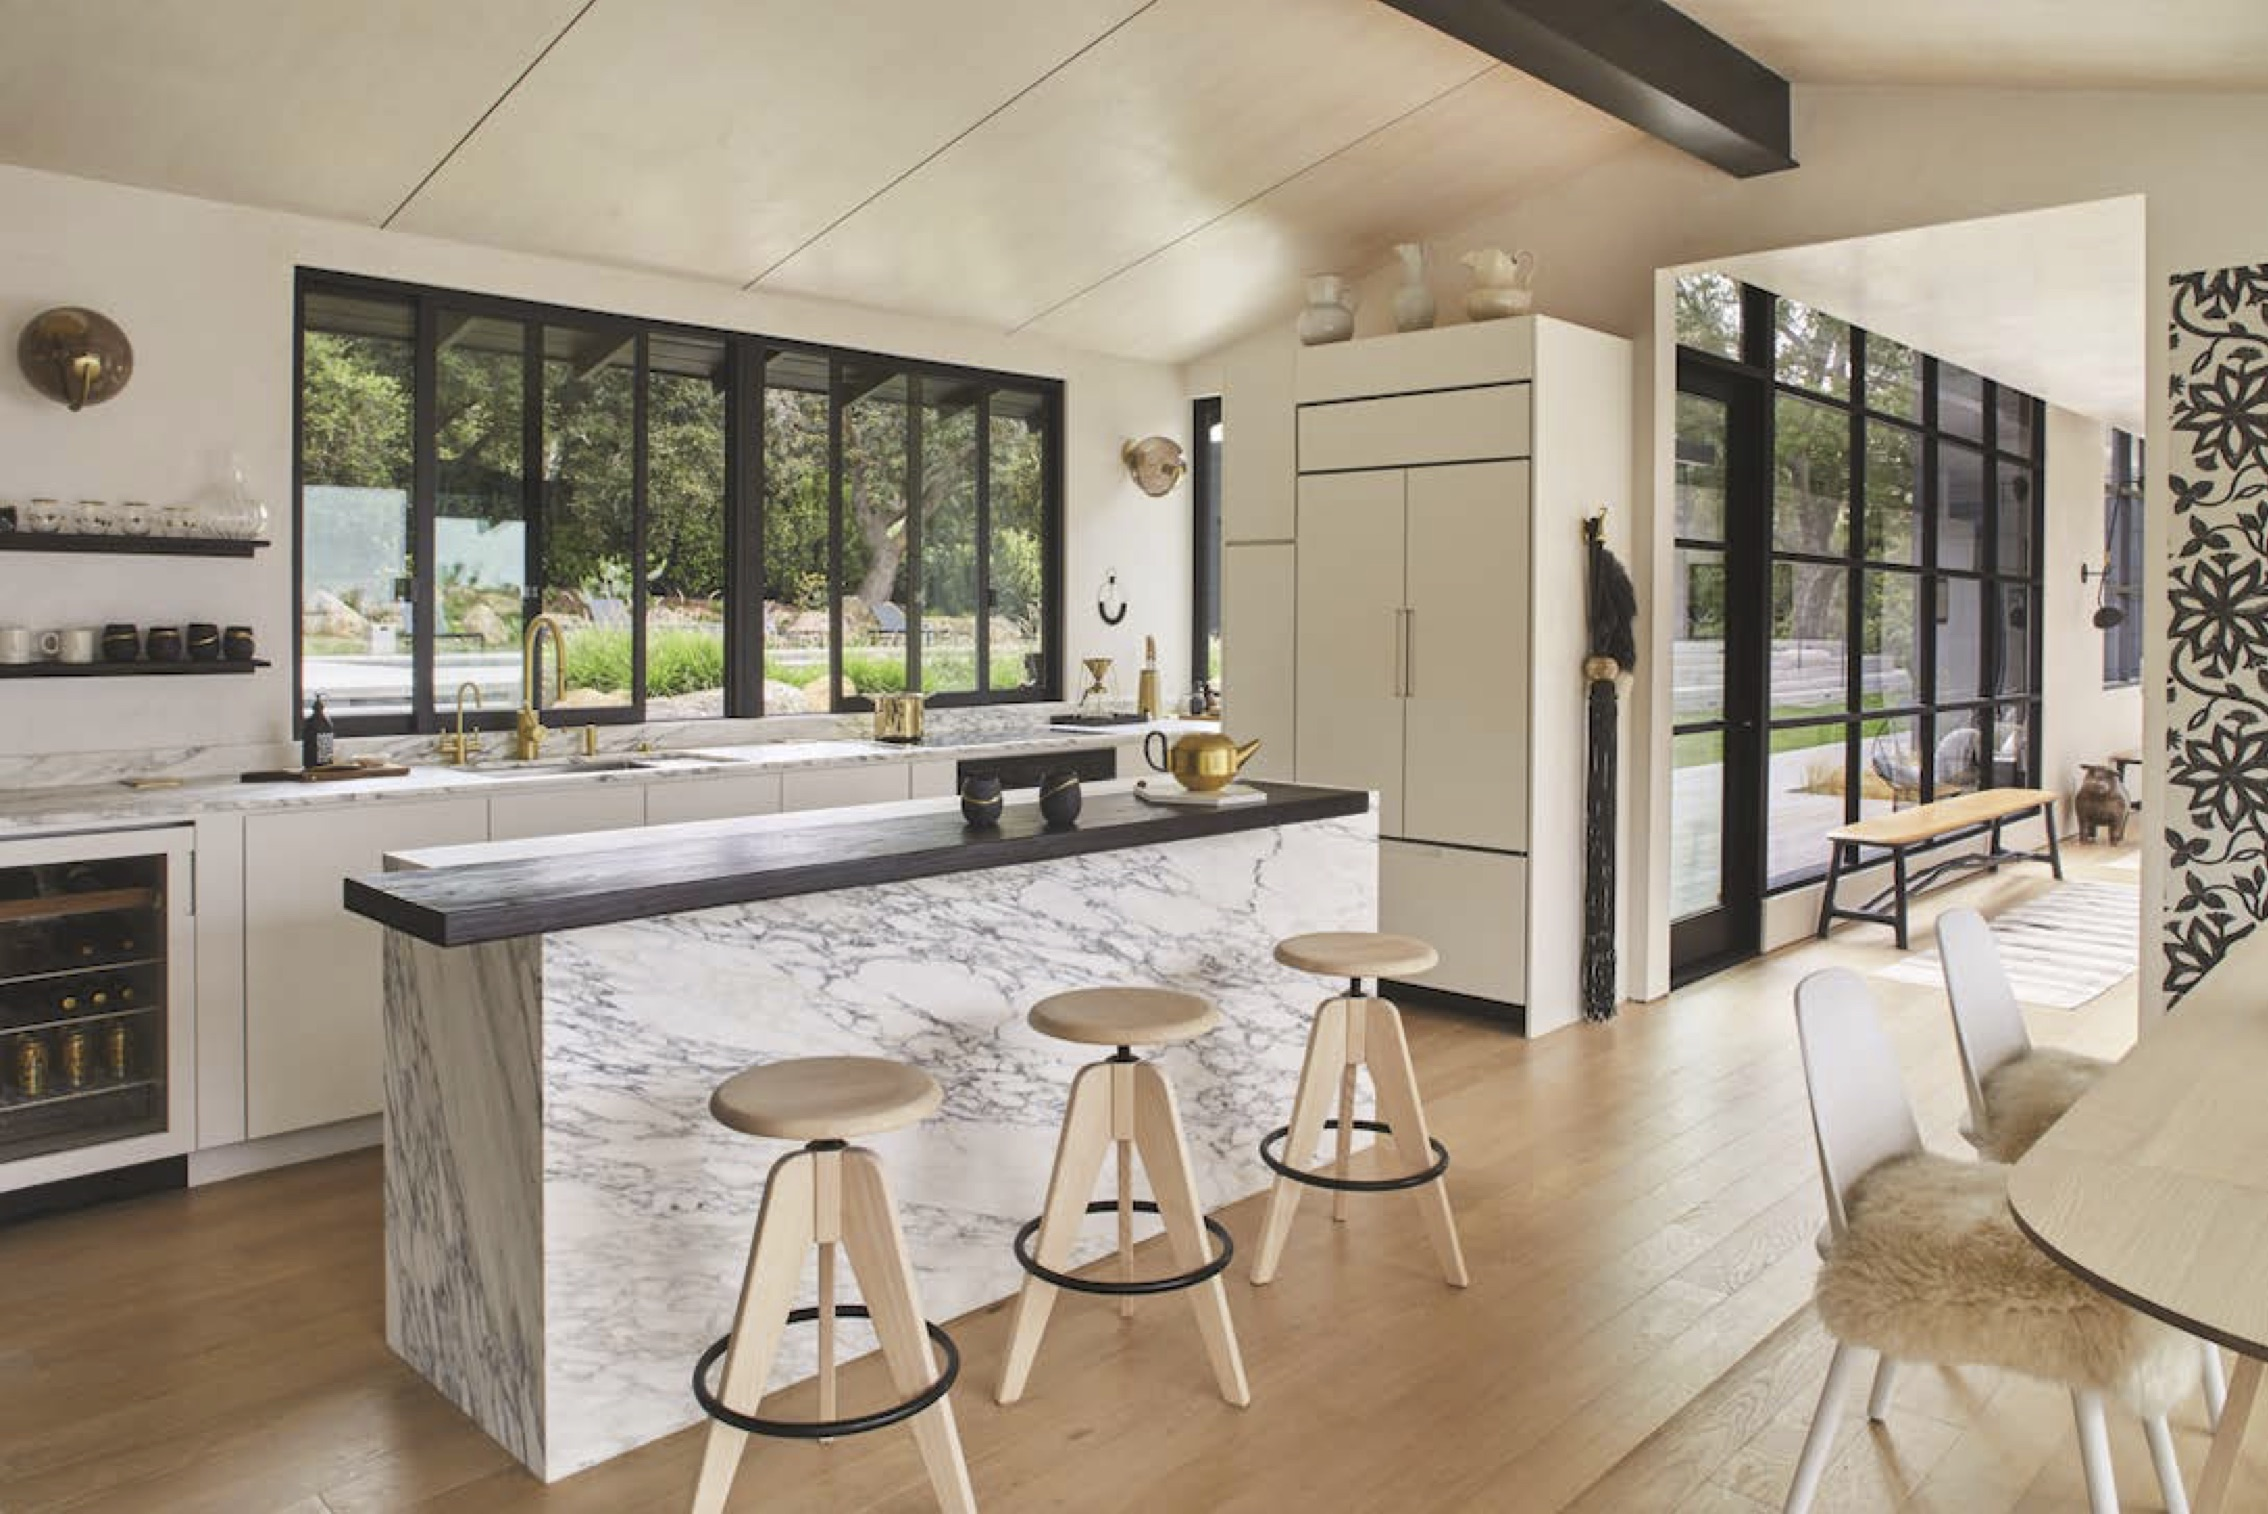 Interior Designer Tamara Kaye-Honey of House of Honey